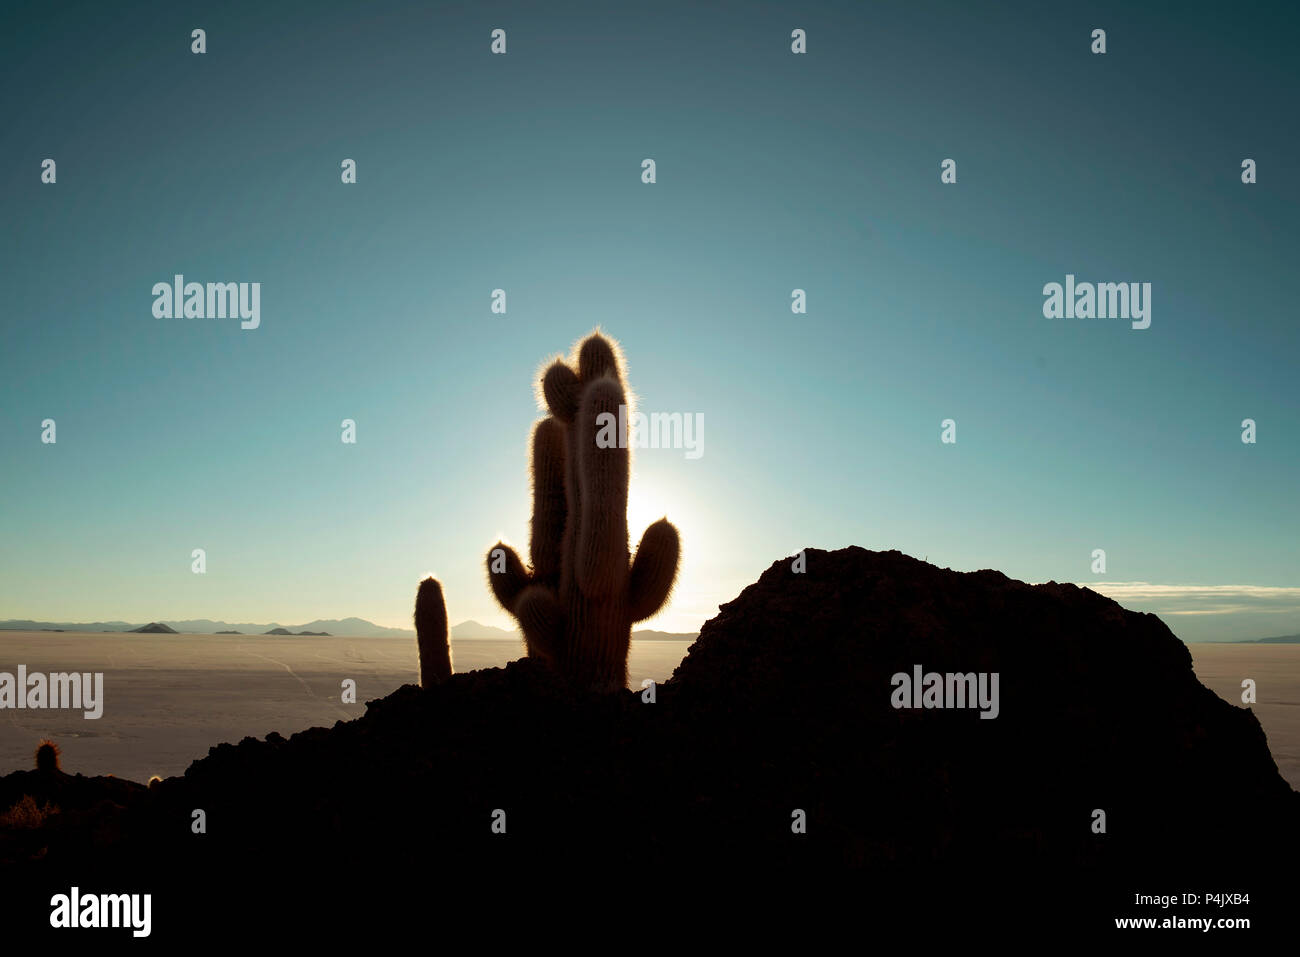 Silhouette di cactus al tramonto. Isola di pesce (Isla del Pescado) nel Salar de Uyuni in Bolivia. Immagini Stock